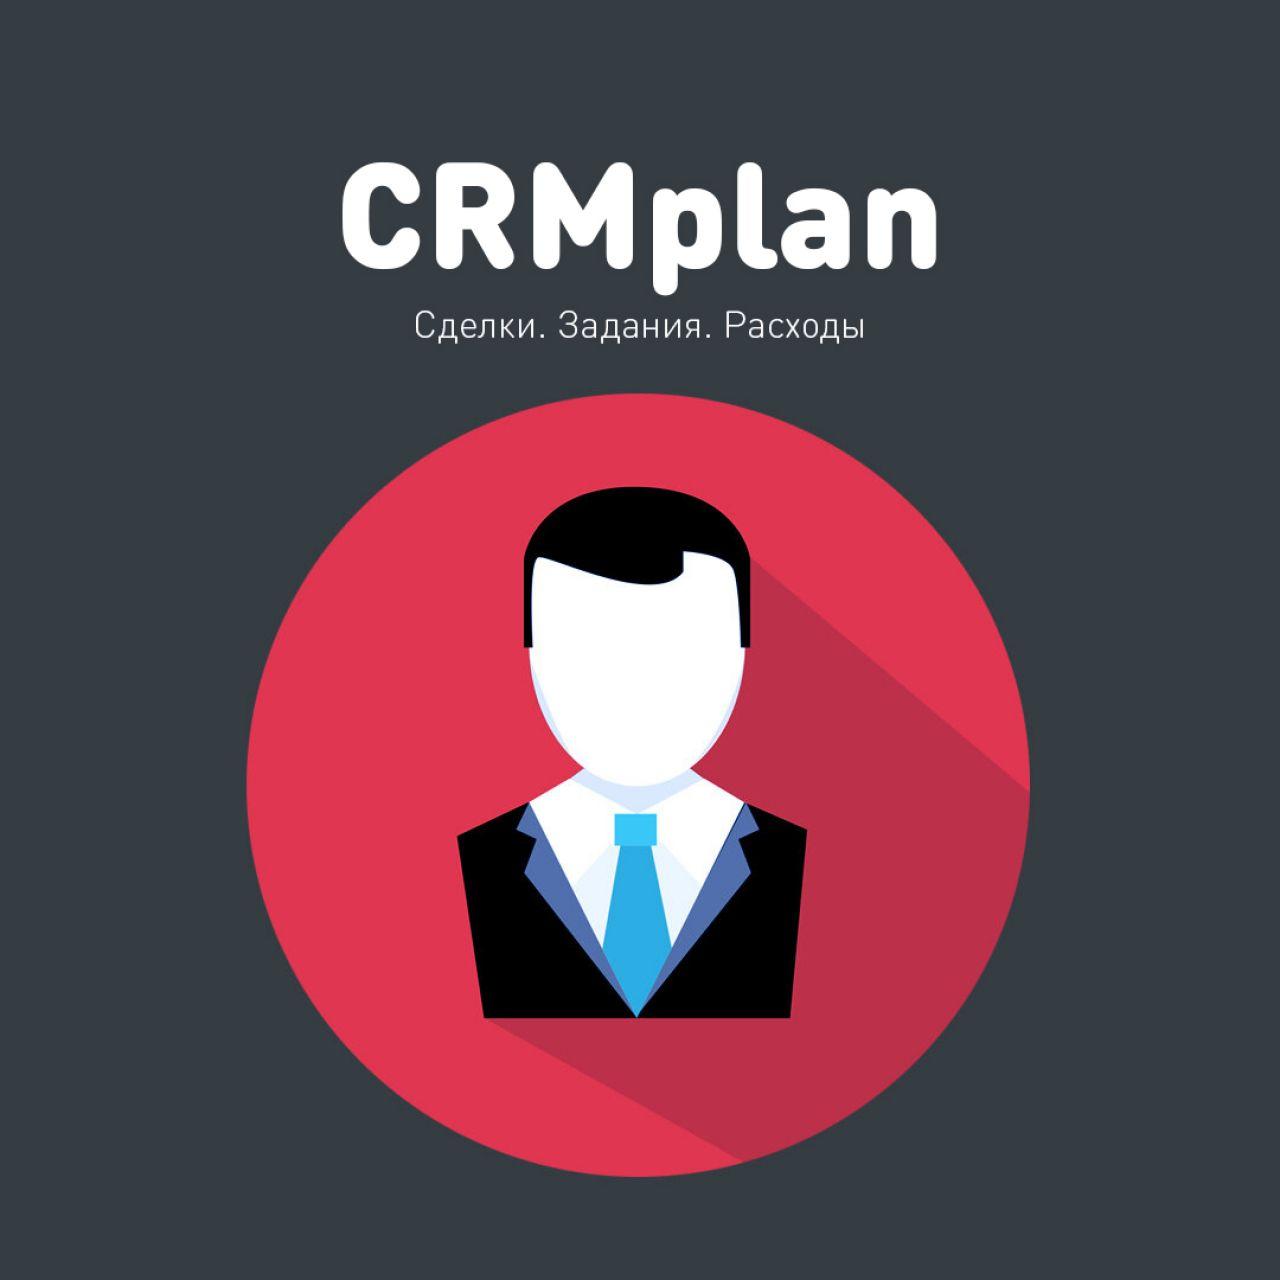 CRMplan - сделки / задания / расходы v.1.4 из категории Отчёты для CMS OpenCart (ОпенКарт)